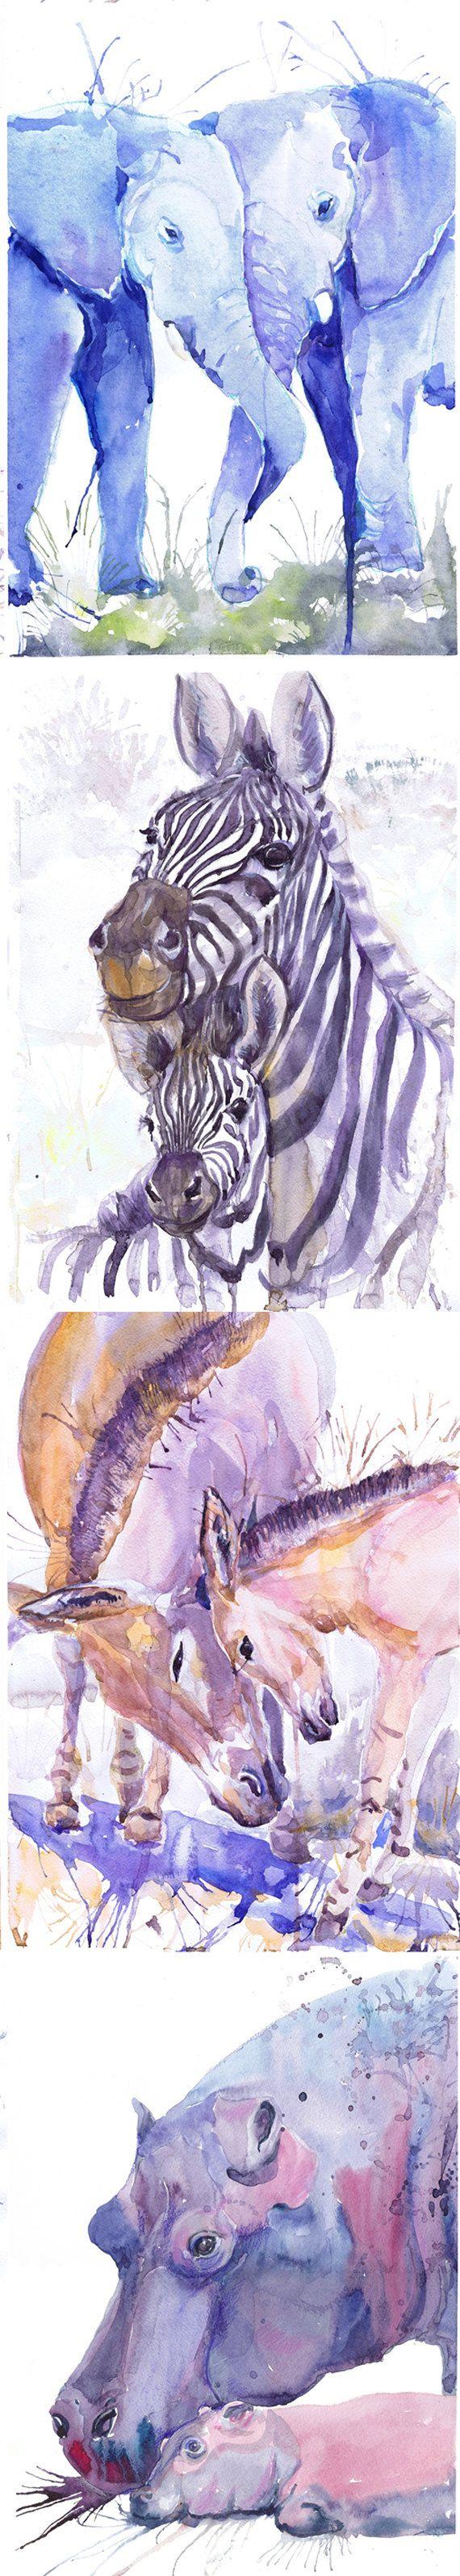 ACEO Artist Trading Cards Art Prints aquarel schilderij Jungle Safari dieren ATC Giclee, Set van 8 ondertekend Collectible card aquarel  Set van 8 ondertekend Aceo afdrukken van mijn originele aquarel schilderijen - serie portretten van het hart:  Monkey met baby Zebra met een peuter Olifant met baby Two Elephants Giraffe met baby Twee giraffen Afrikaanse ezel met baby Nijlpaard met baby  Deze mooie ACEO prints zijn een hoge kwaliteit giclee reproducties van mijn originele schilderijen…